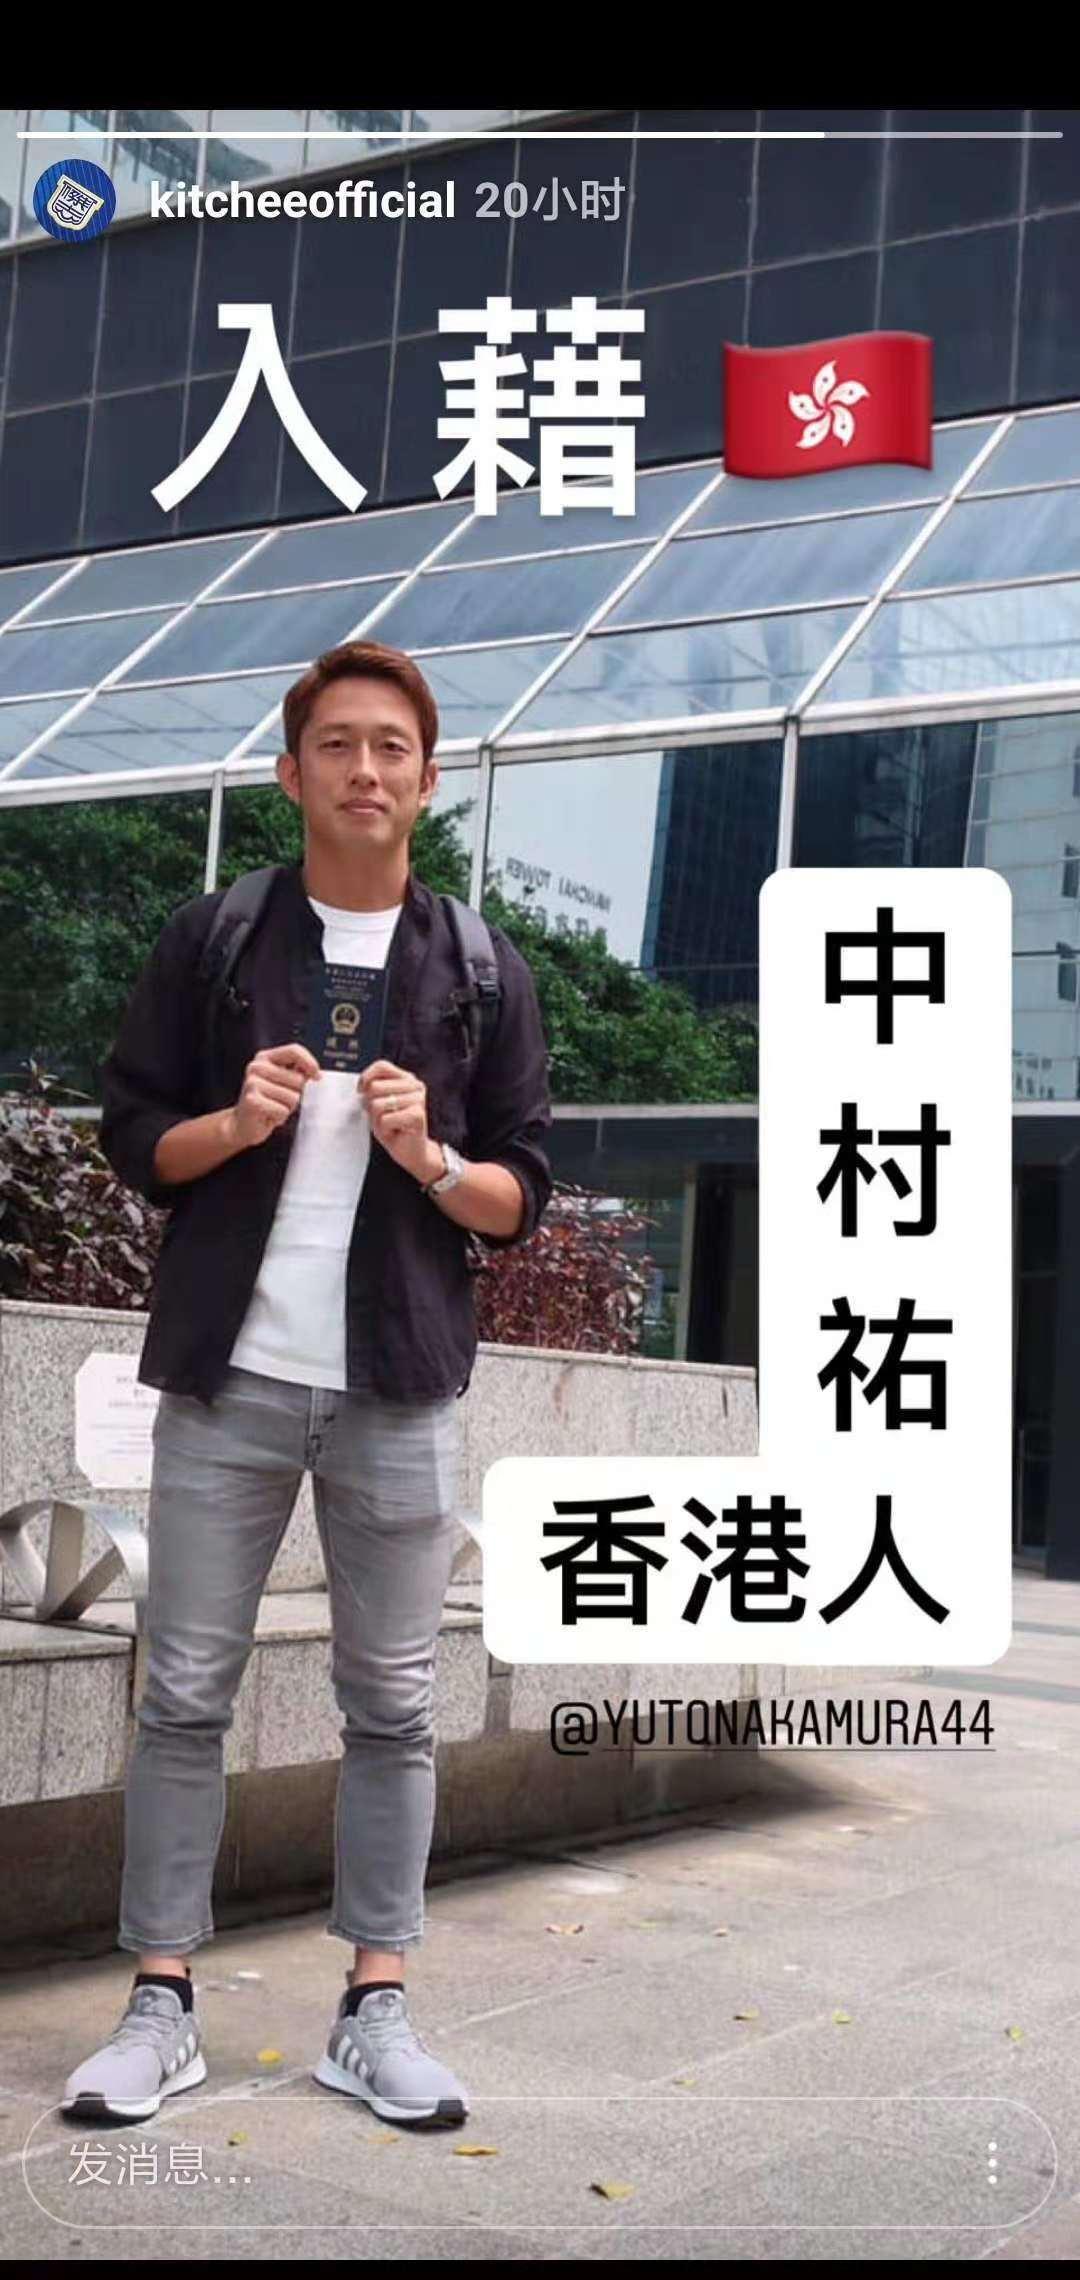 日本30岁前锋获特区护照 将代表中国香港队出战